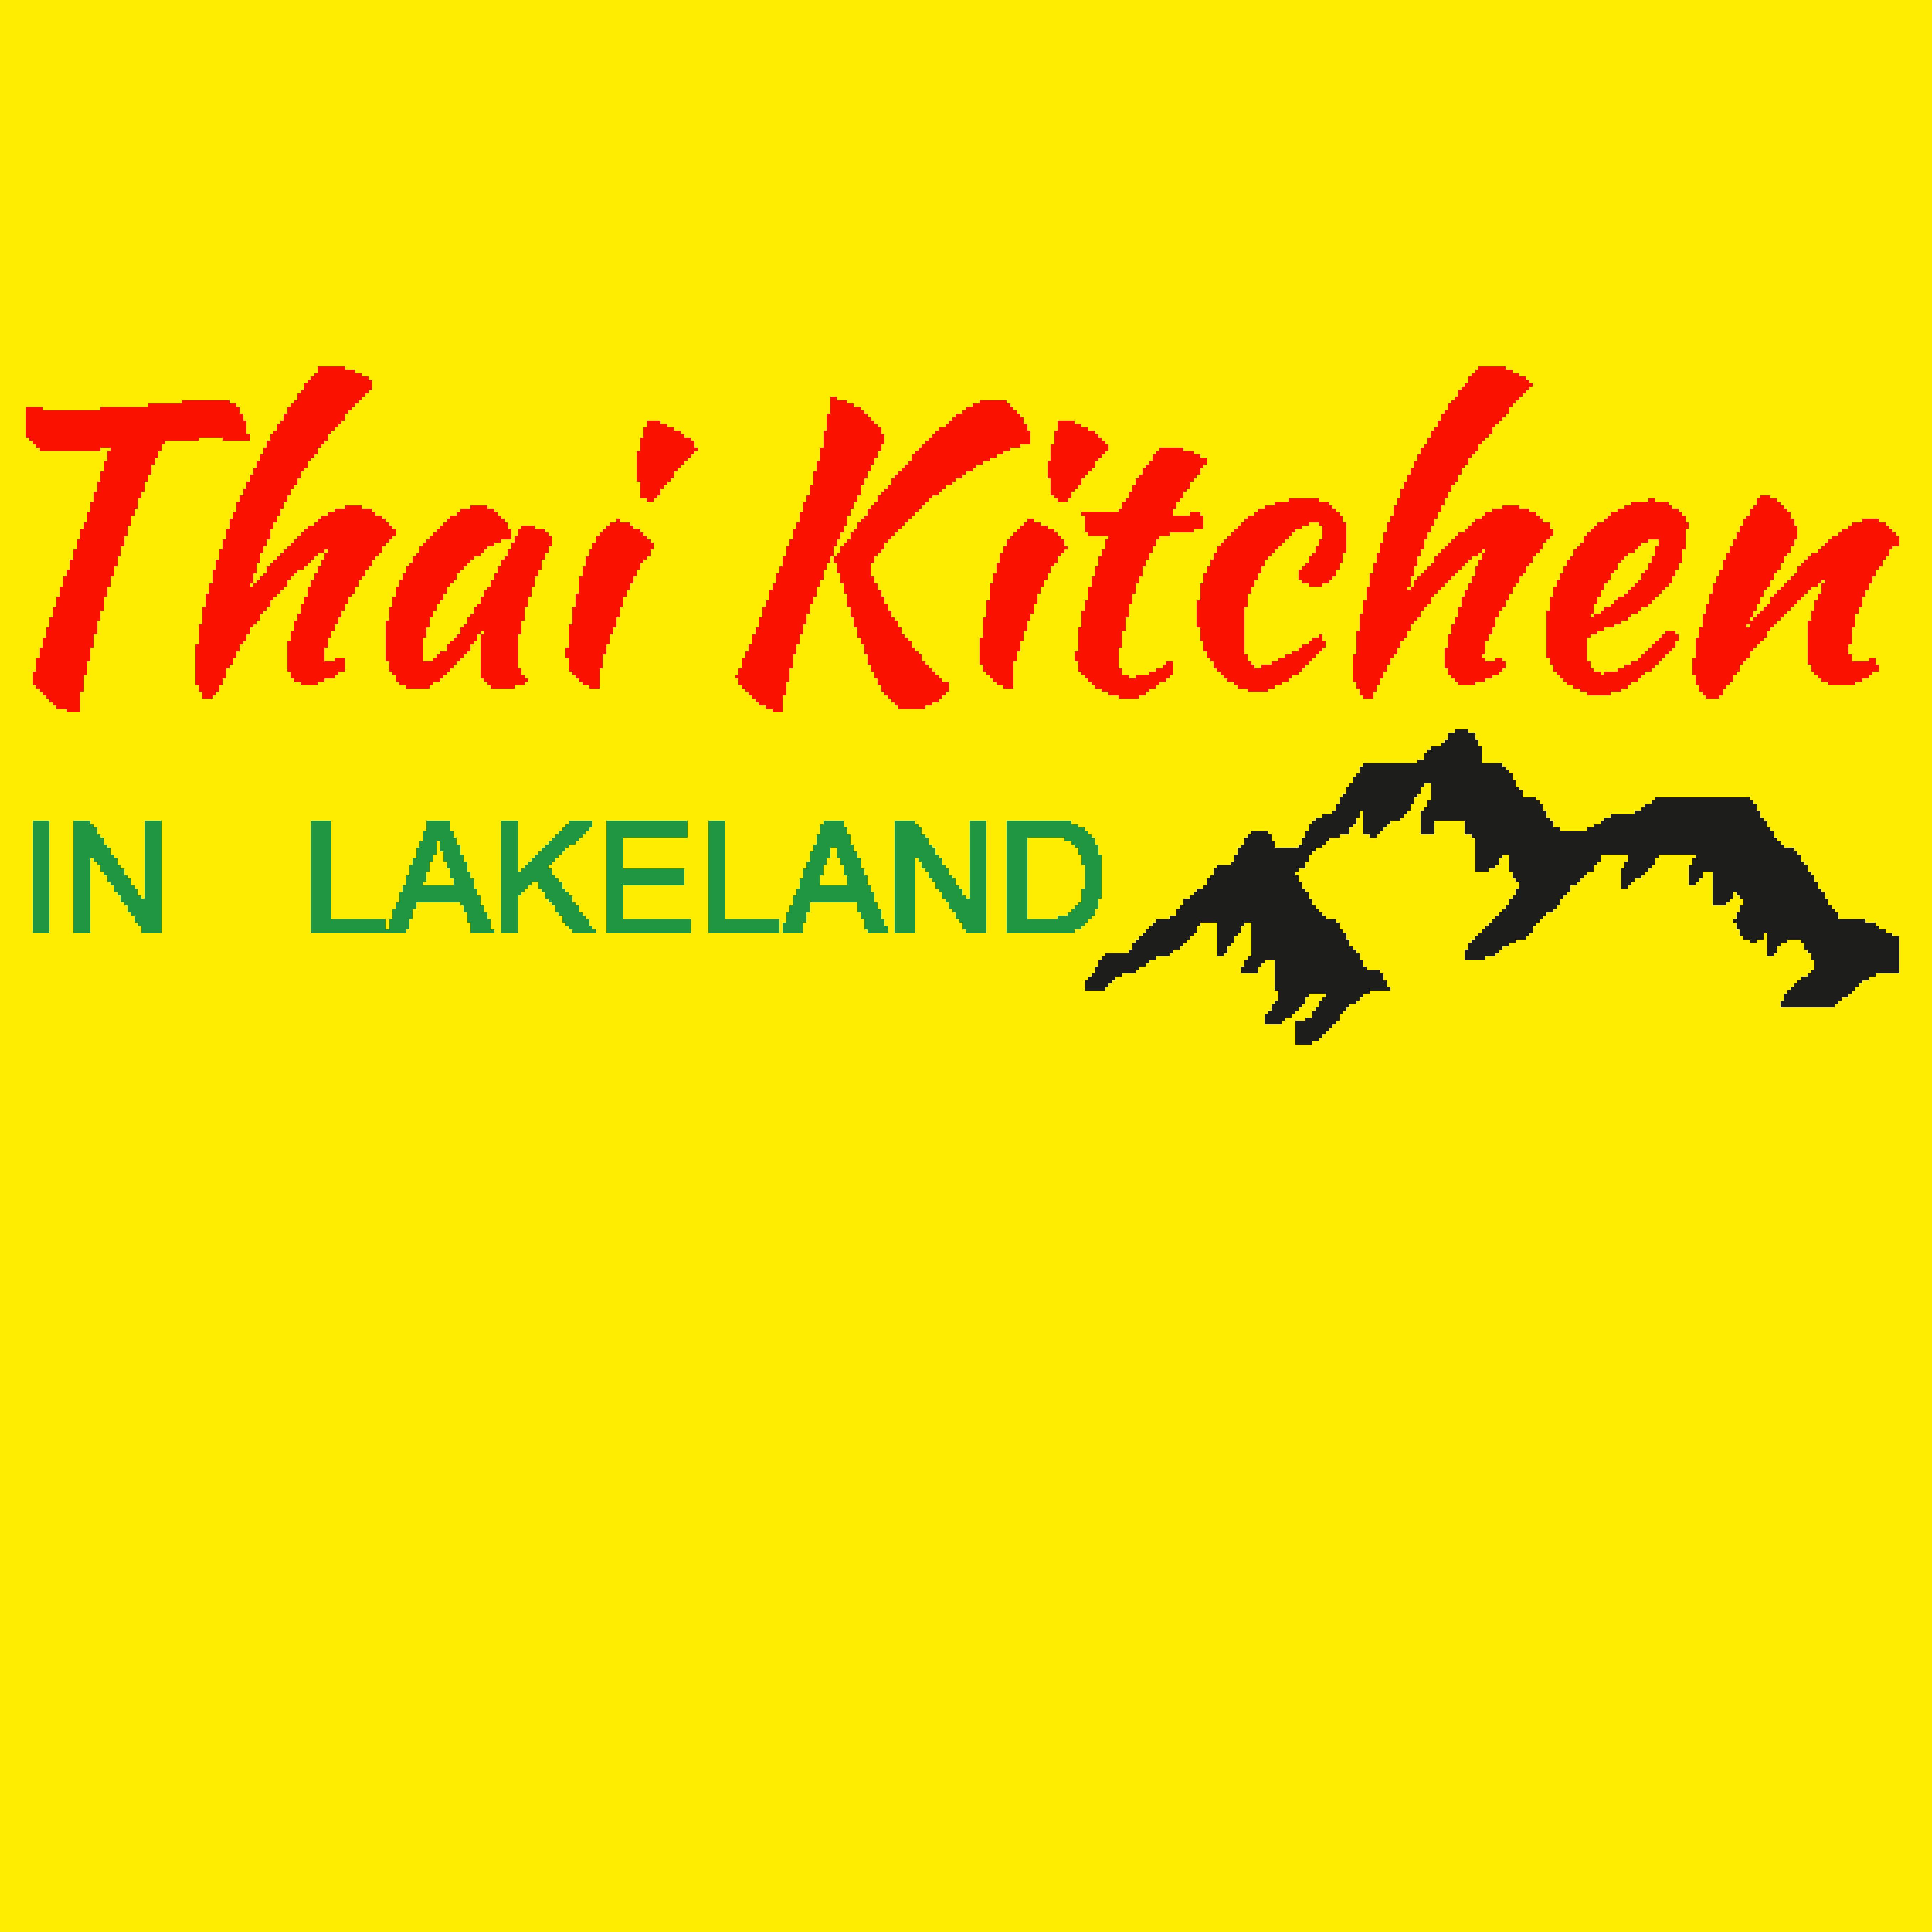 Thai Kitchen in Lakeland